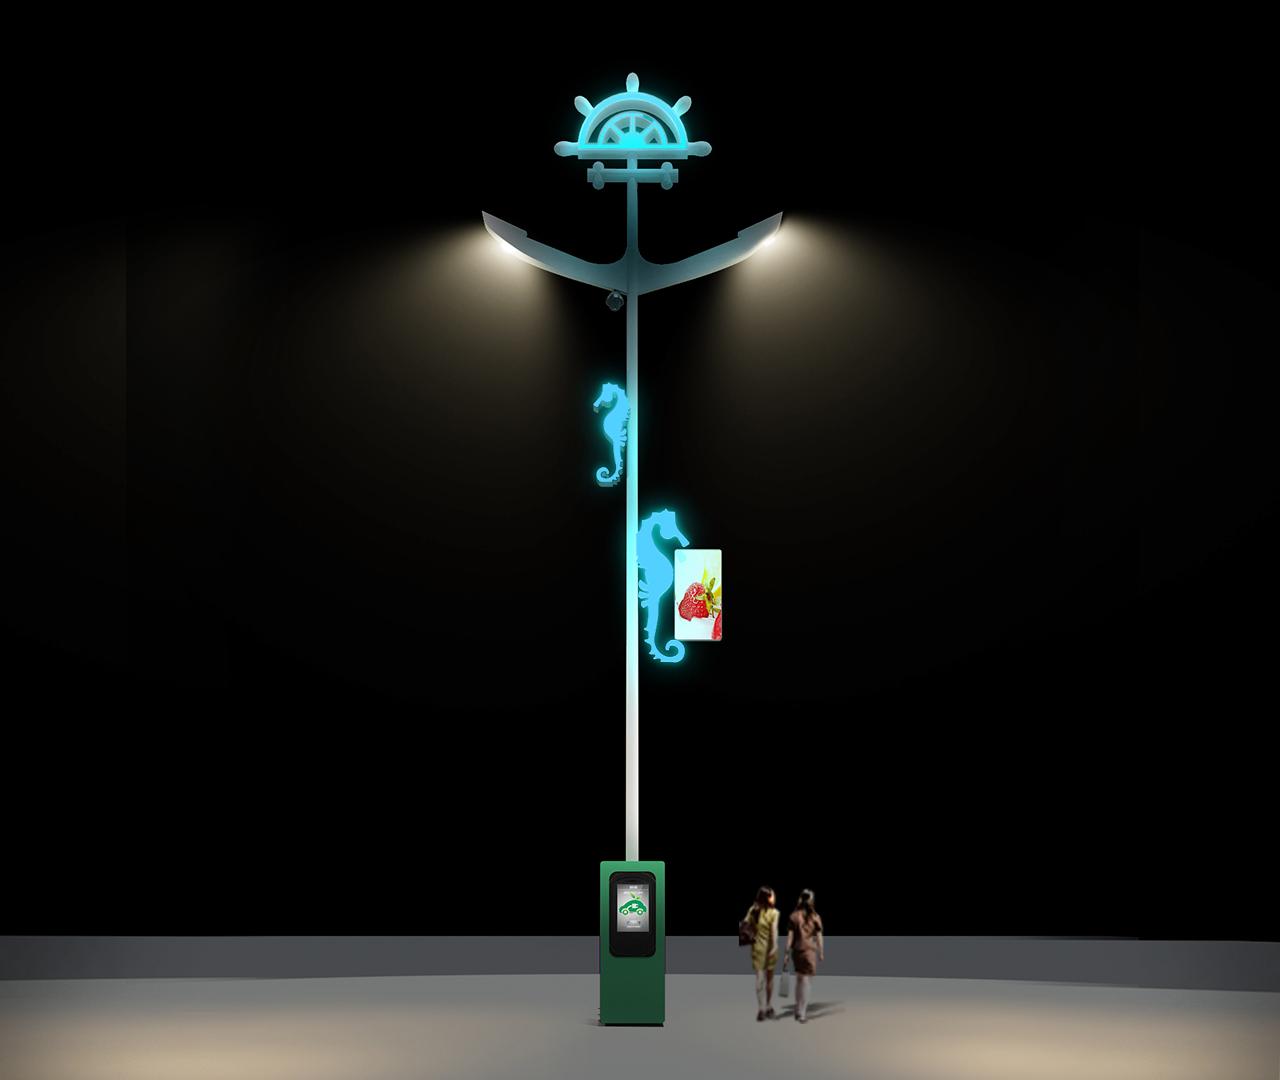 海马型BoB全球体育投注平台道路路灯